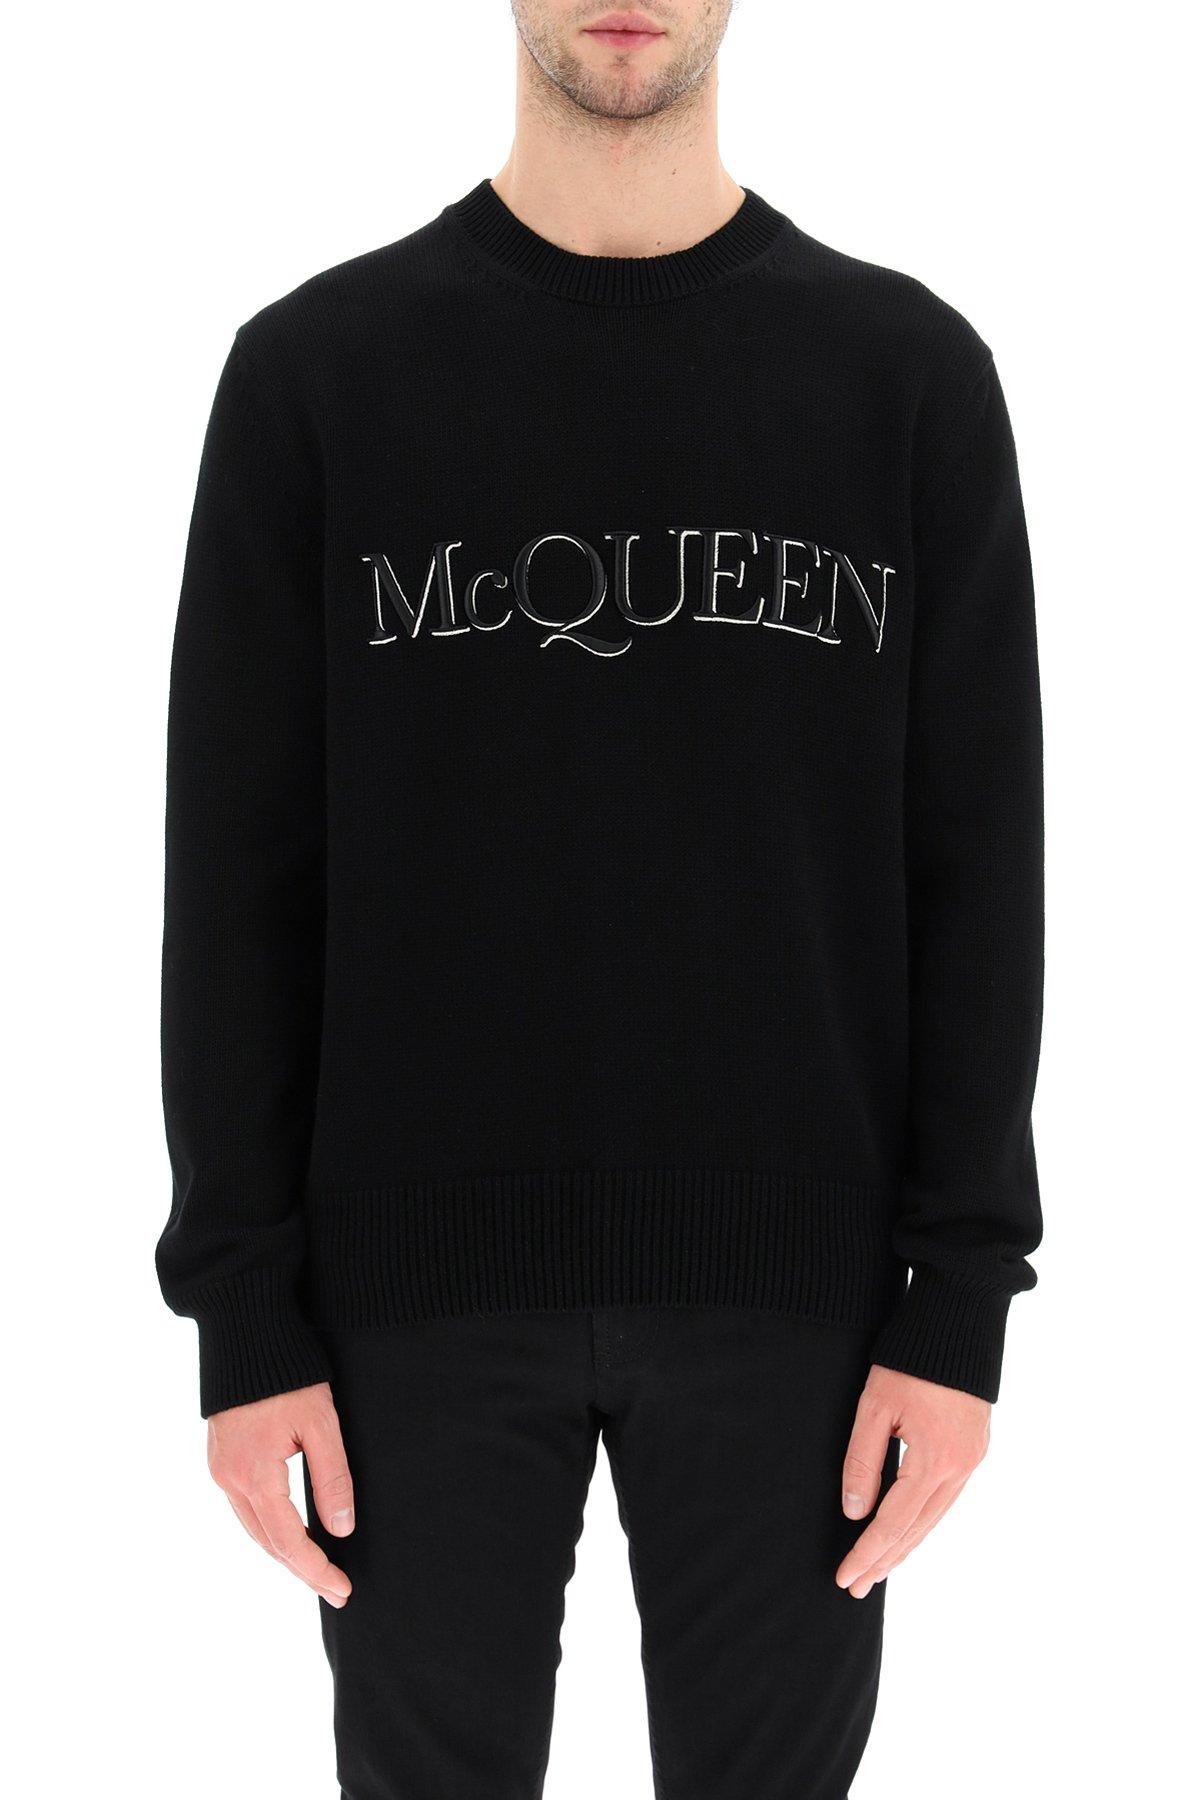 Alexander mcqueen pullover cotone con logo ricamato